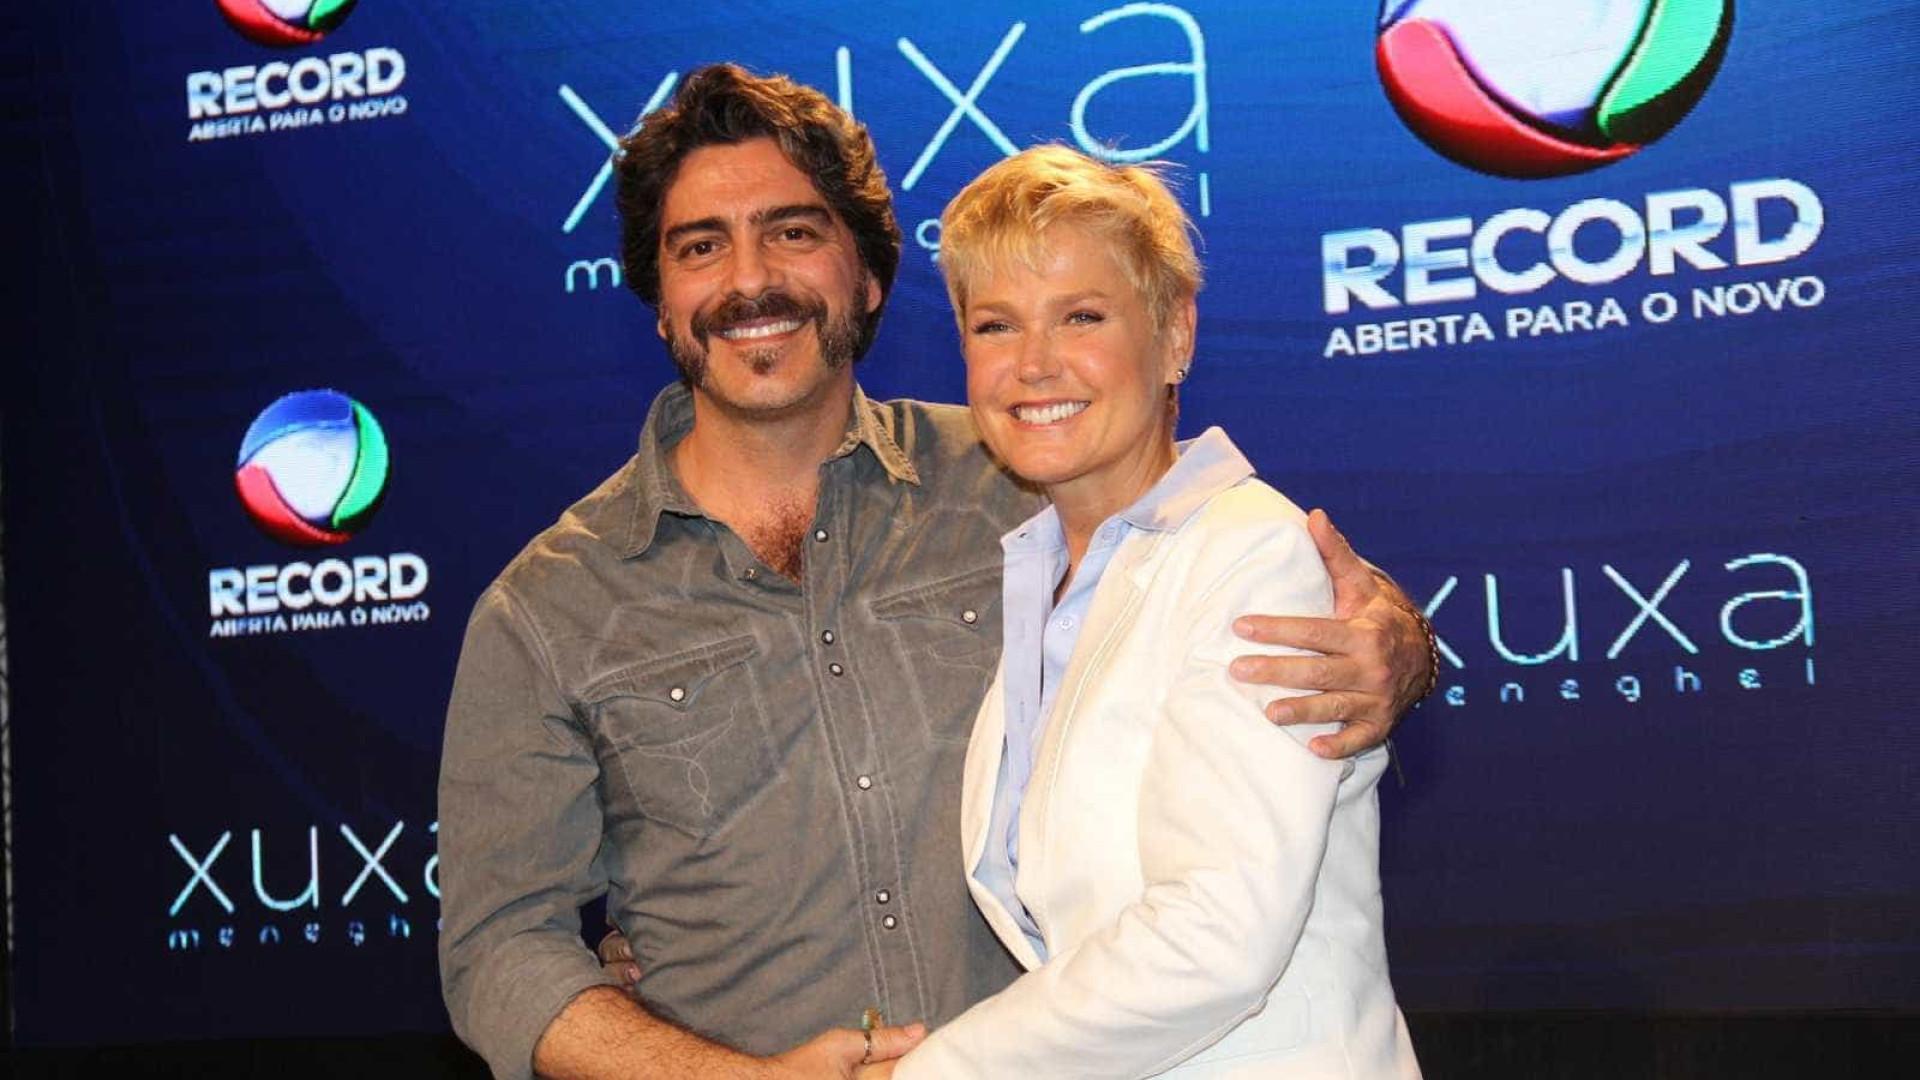 Xuxa diz que público deve cobrar postura de Junno em 'Dancing Brasil'